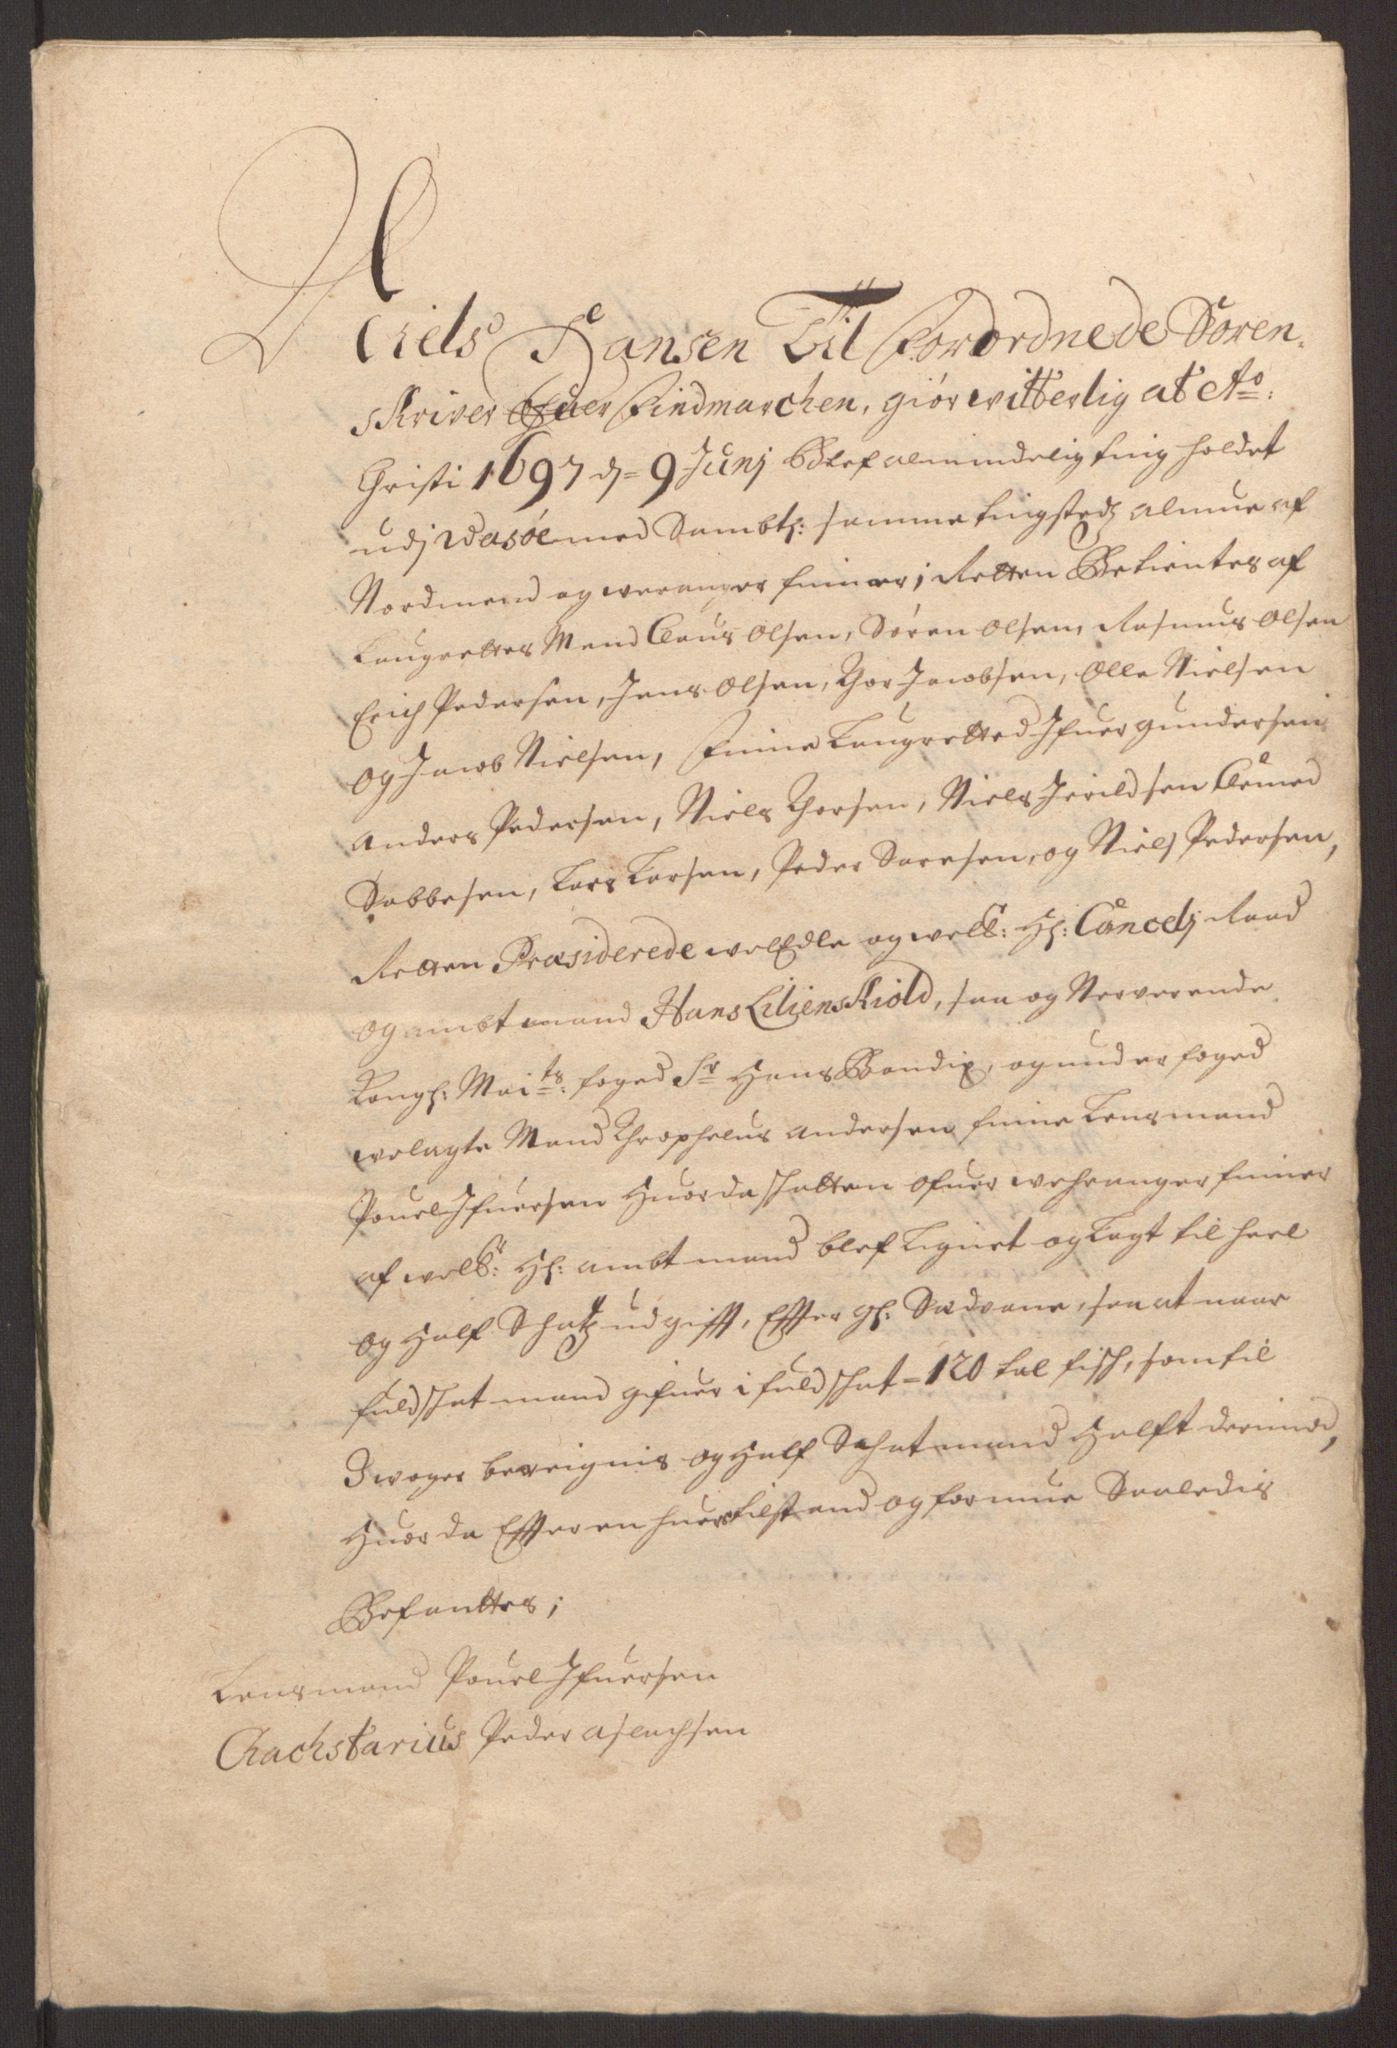 RA, Rentekammeret inntil 1814, Reviderte regnskaper, Fogderegnskap, R69/L4851: Fogderegnskap Finnmark/Vardøhus, 1691-1700, s. 305